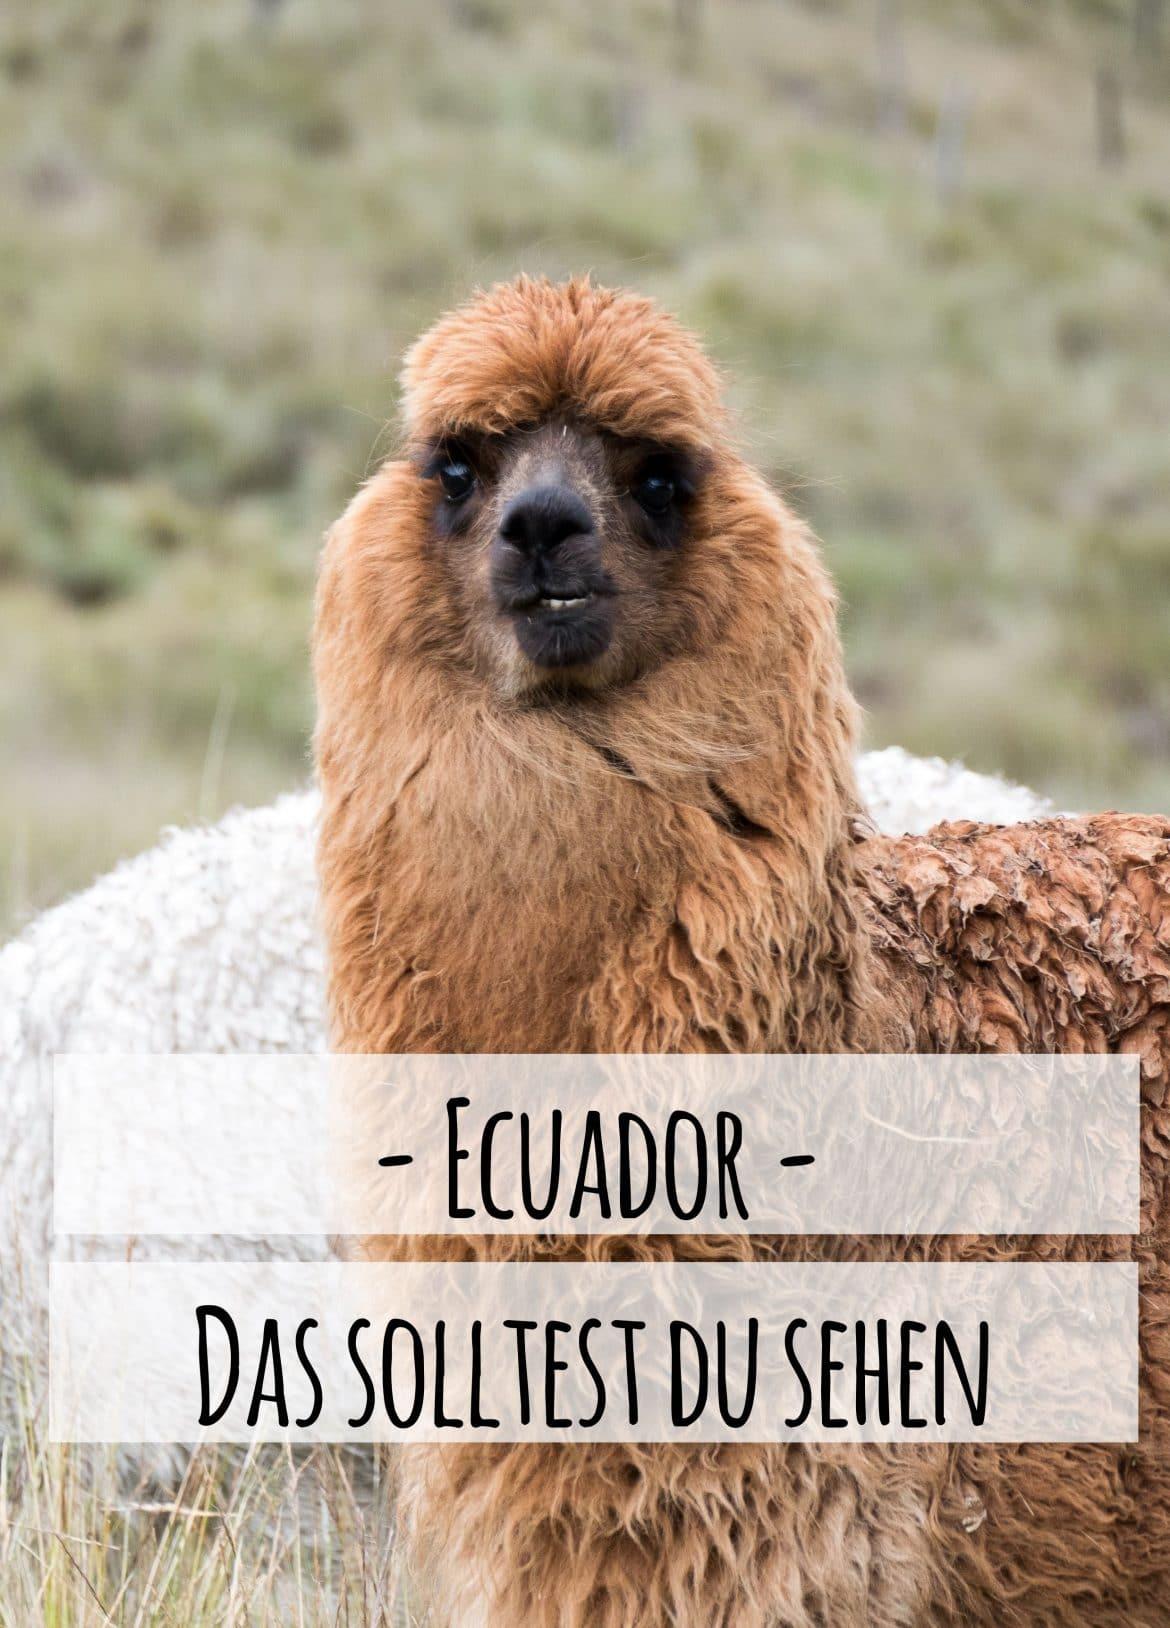 Ecuador Reise - hier kommen die Top Sehenswürdigkeiten, die du unbedingt in deine Reise einplanen solltest. Erschienen auf PASSENGER X